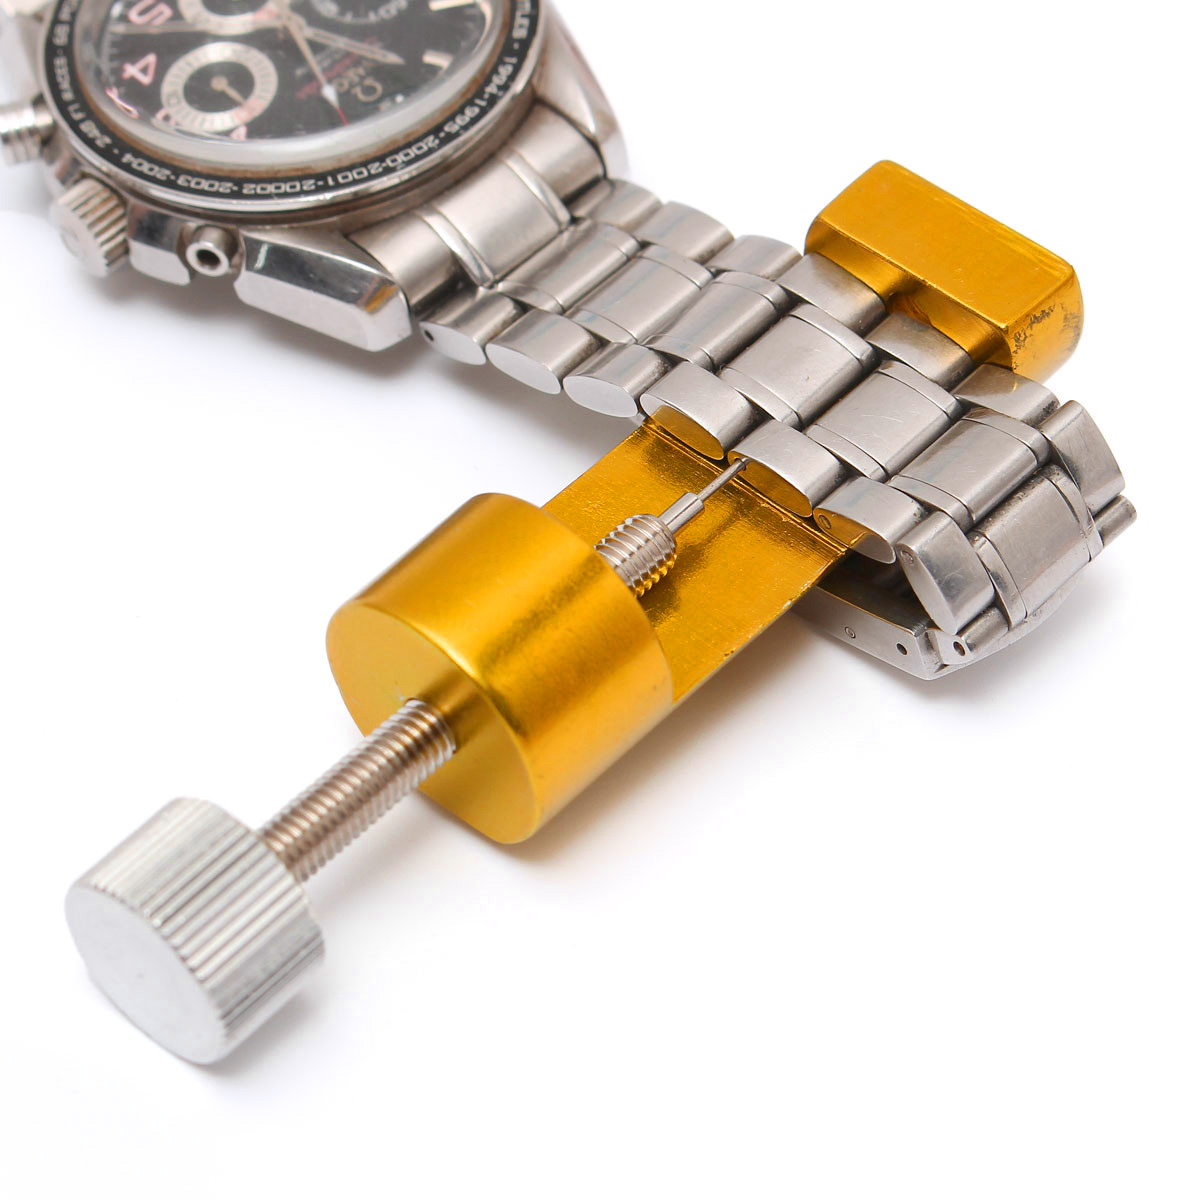 Us 0 77 21 Off Watch Repair Tool Kit Golden Tools Adjust Bracelet Band Link Pin Remover Horloge Gereedschap In